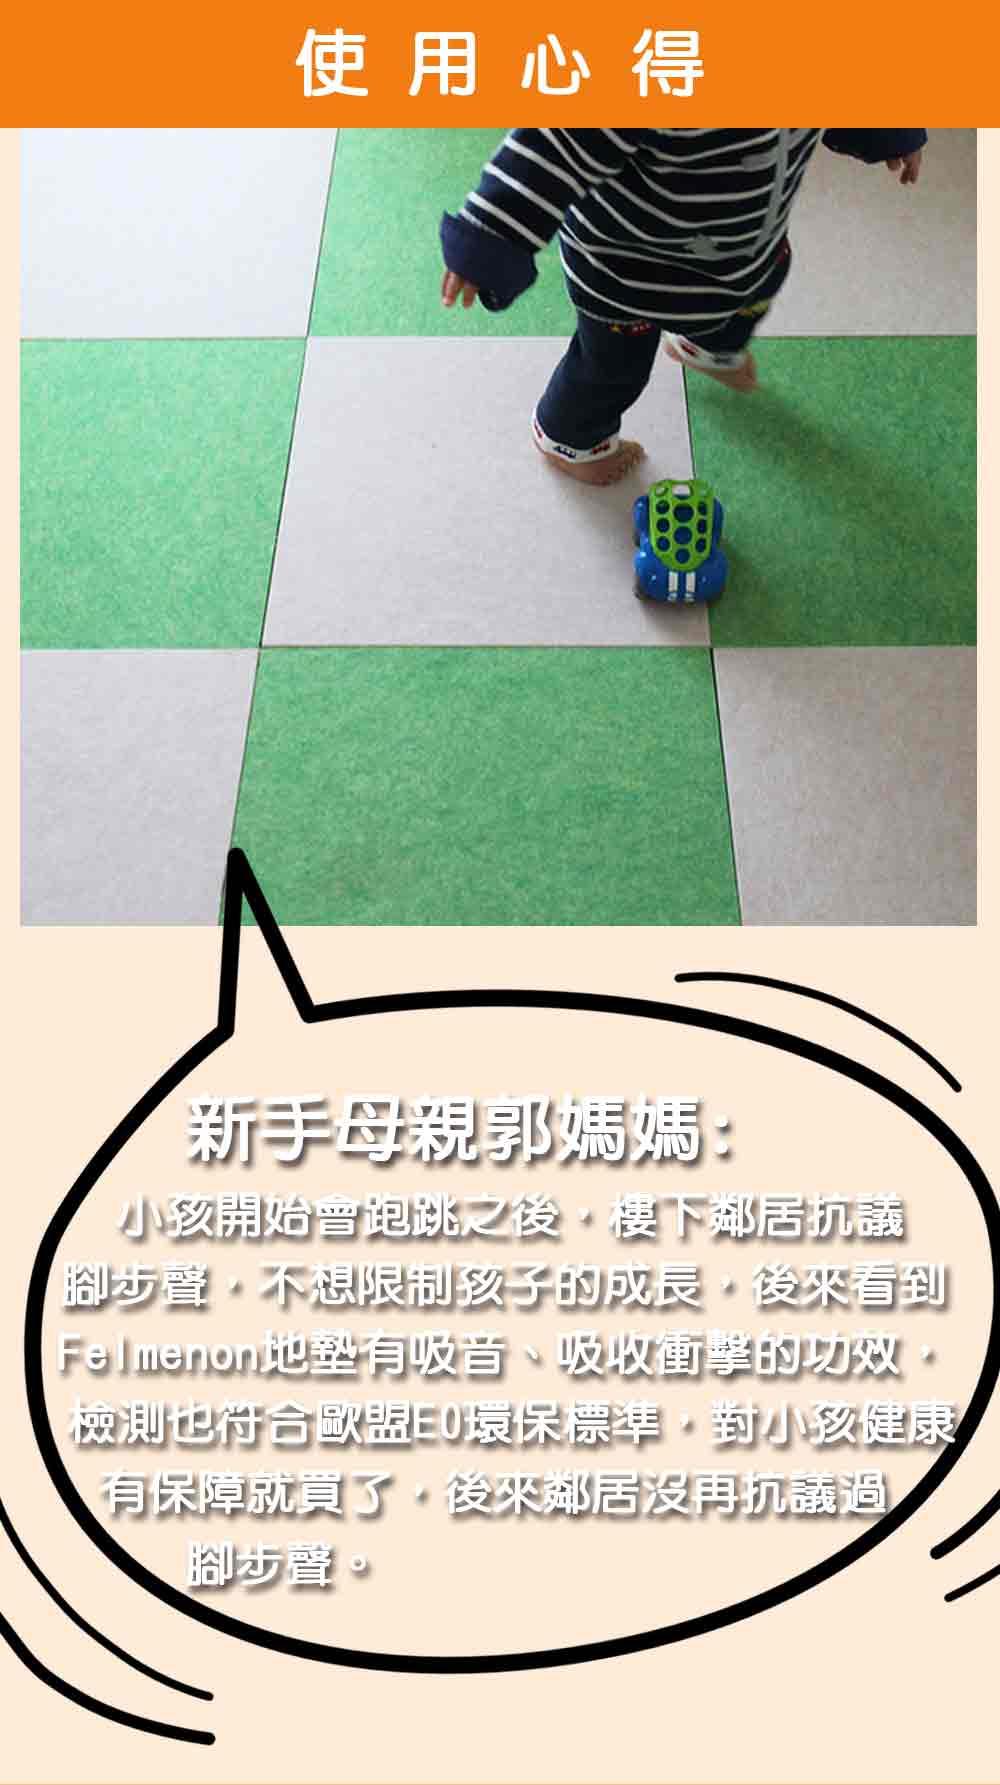 Felmenon嬰兒遊戲爬行墊/兒童跑跳吸音減震墊開箱文使用心得